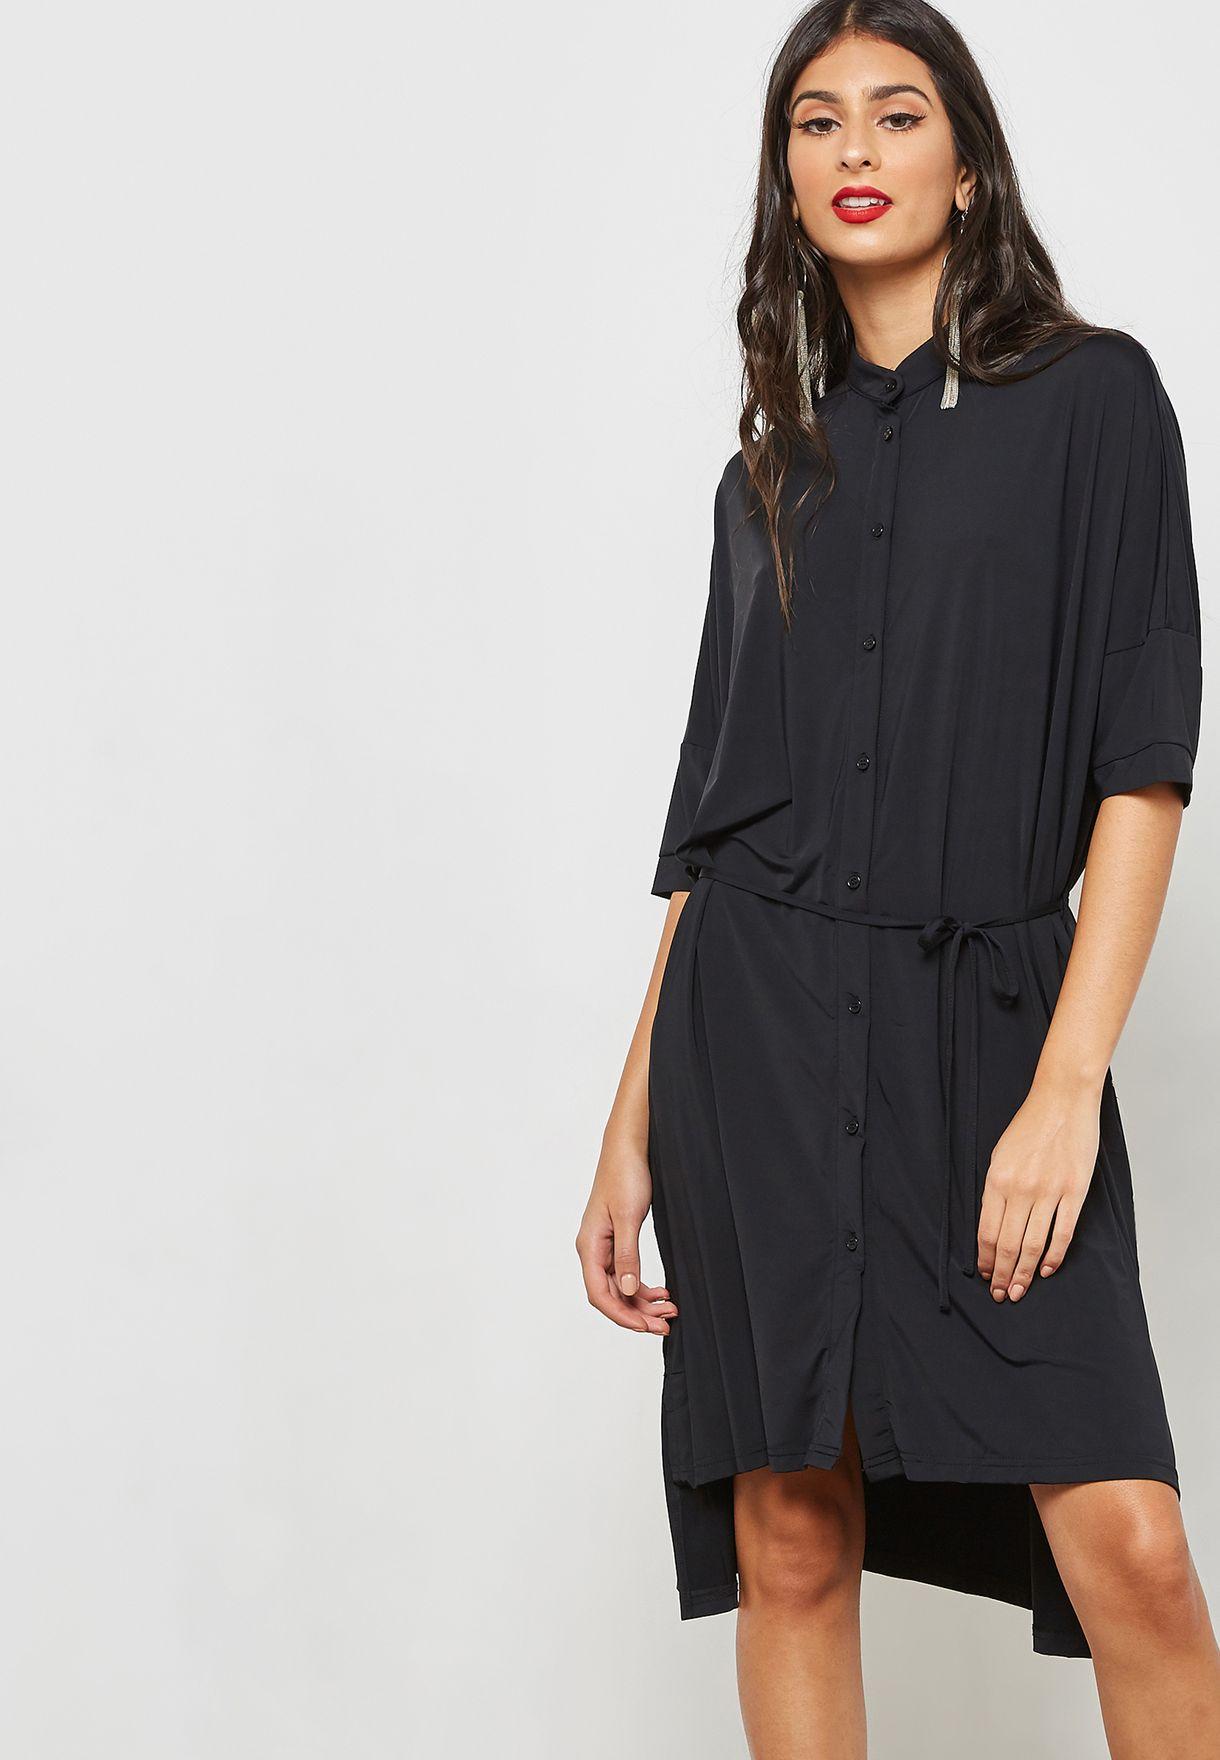 d927d42d8 تسوق فستان بنمط قميص ماركة جينجر لون أسود D1-J في الامارات ...